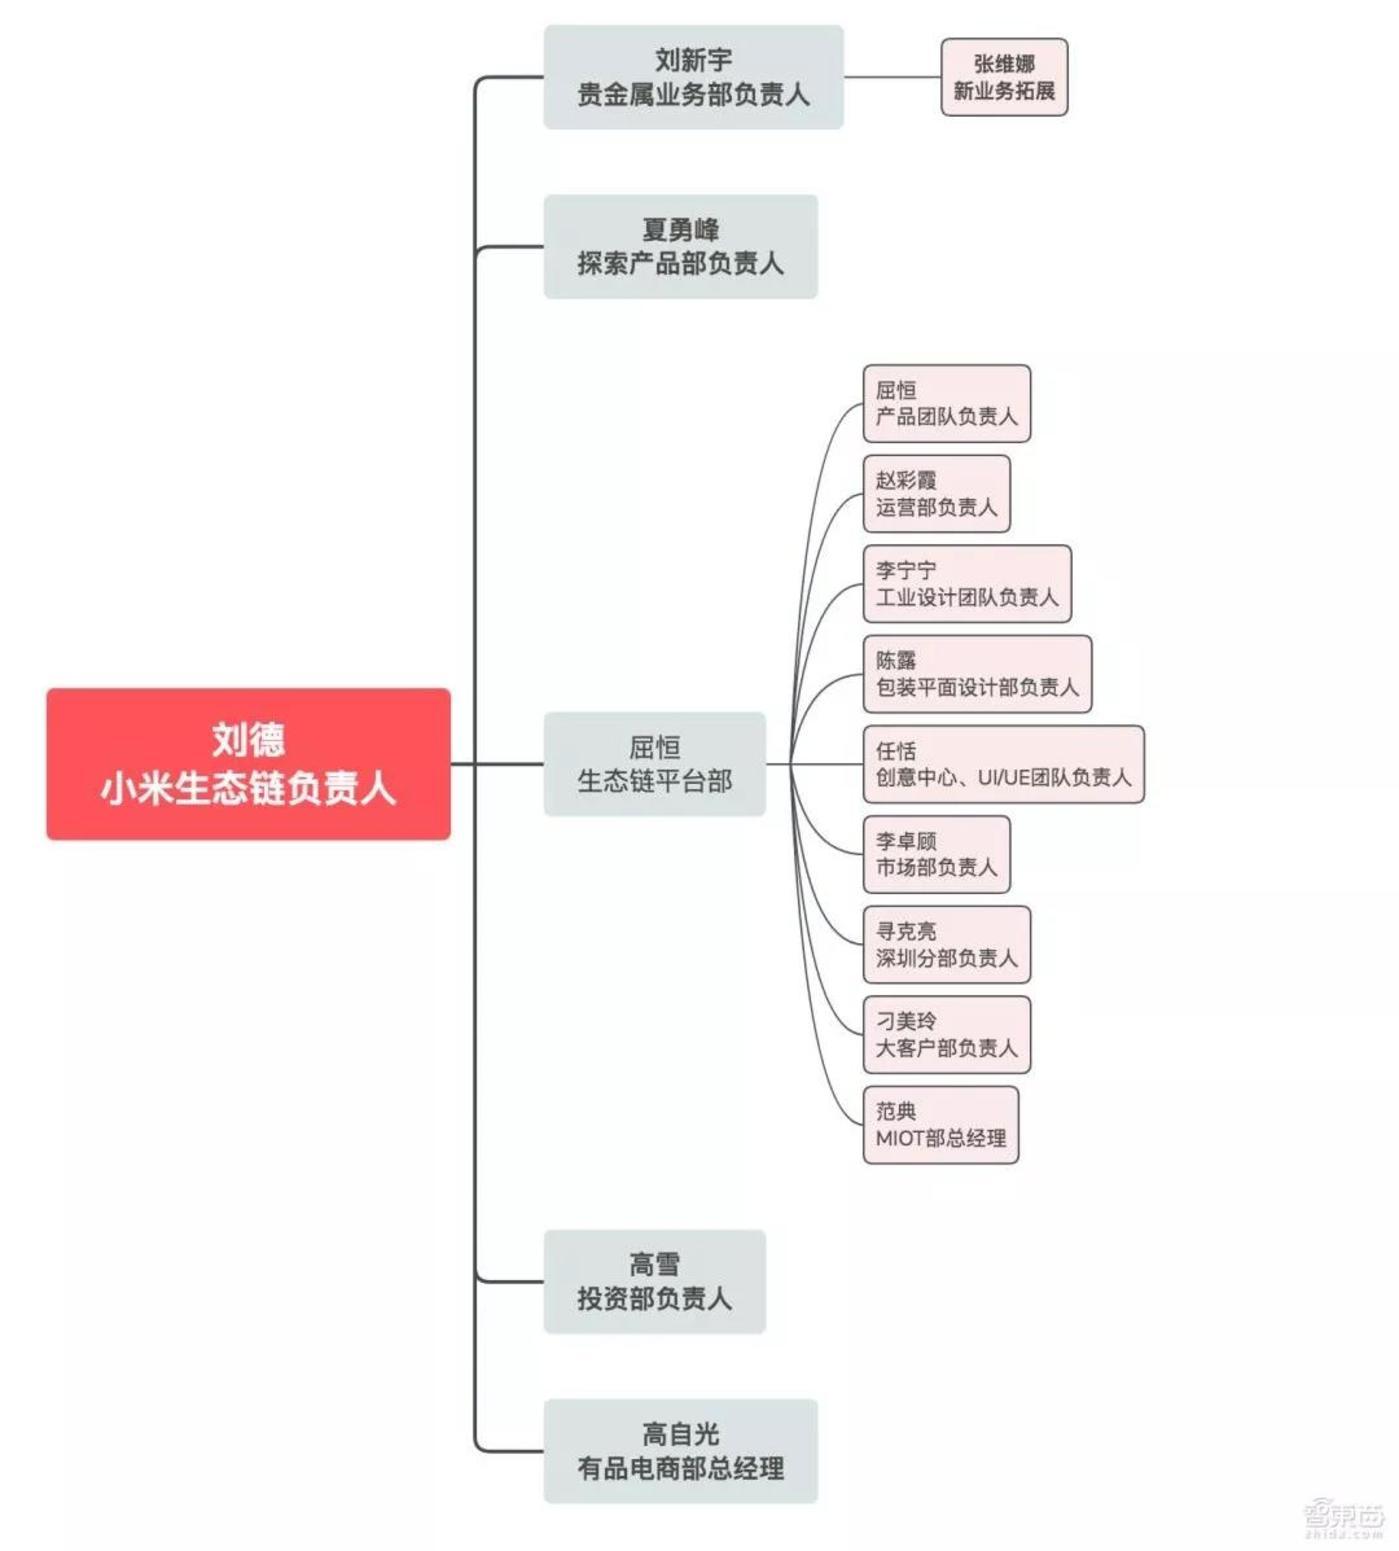 小米生态链最新组织架构图